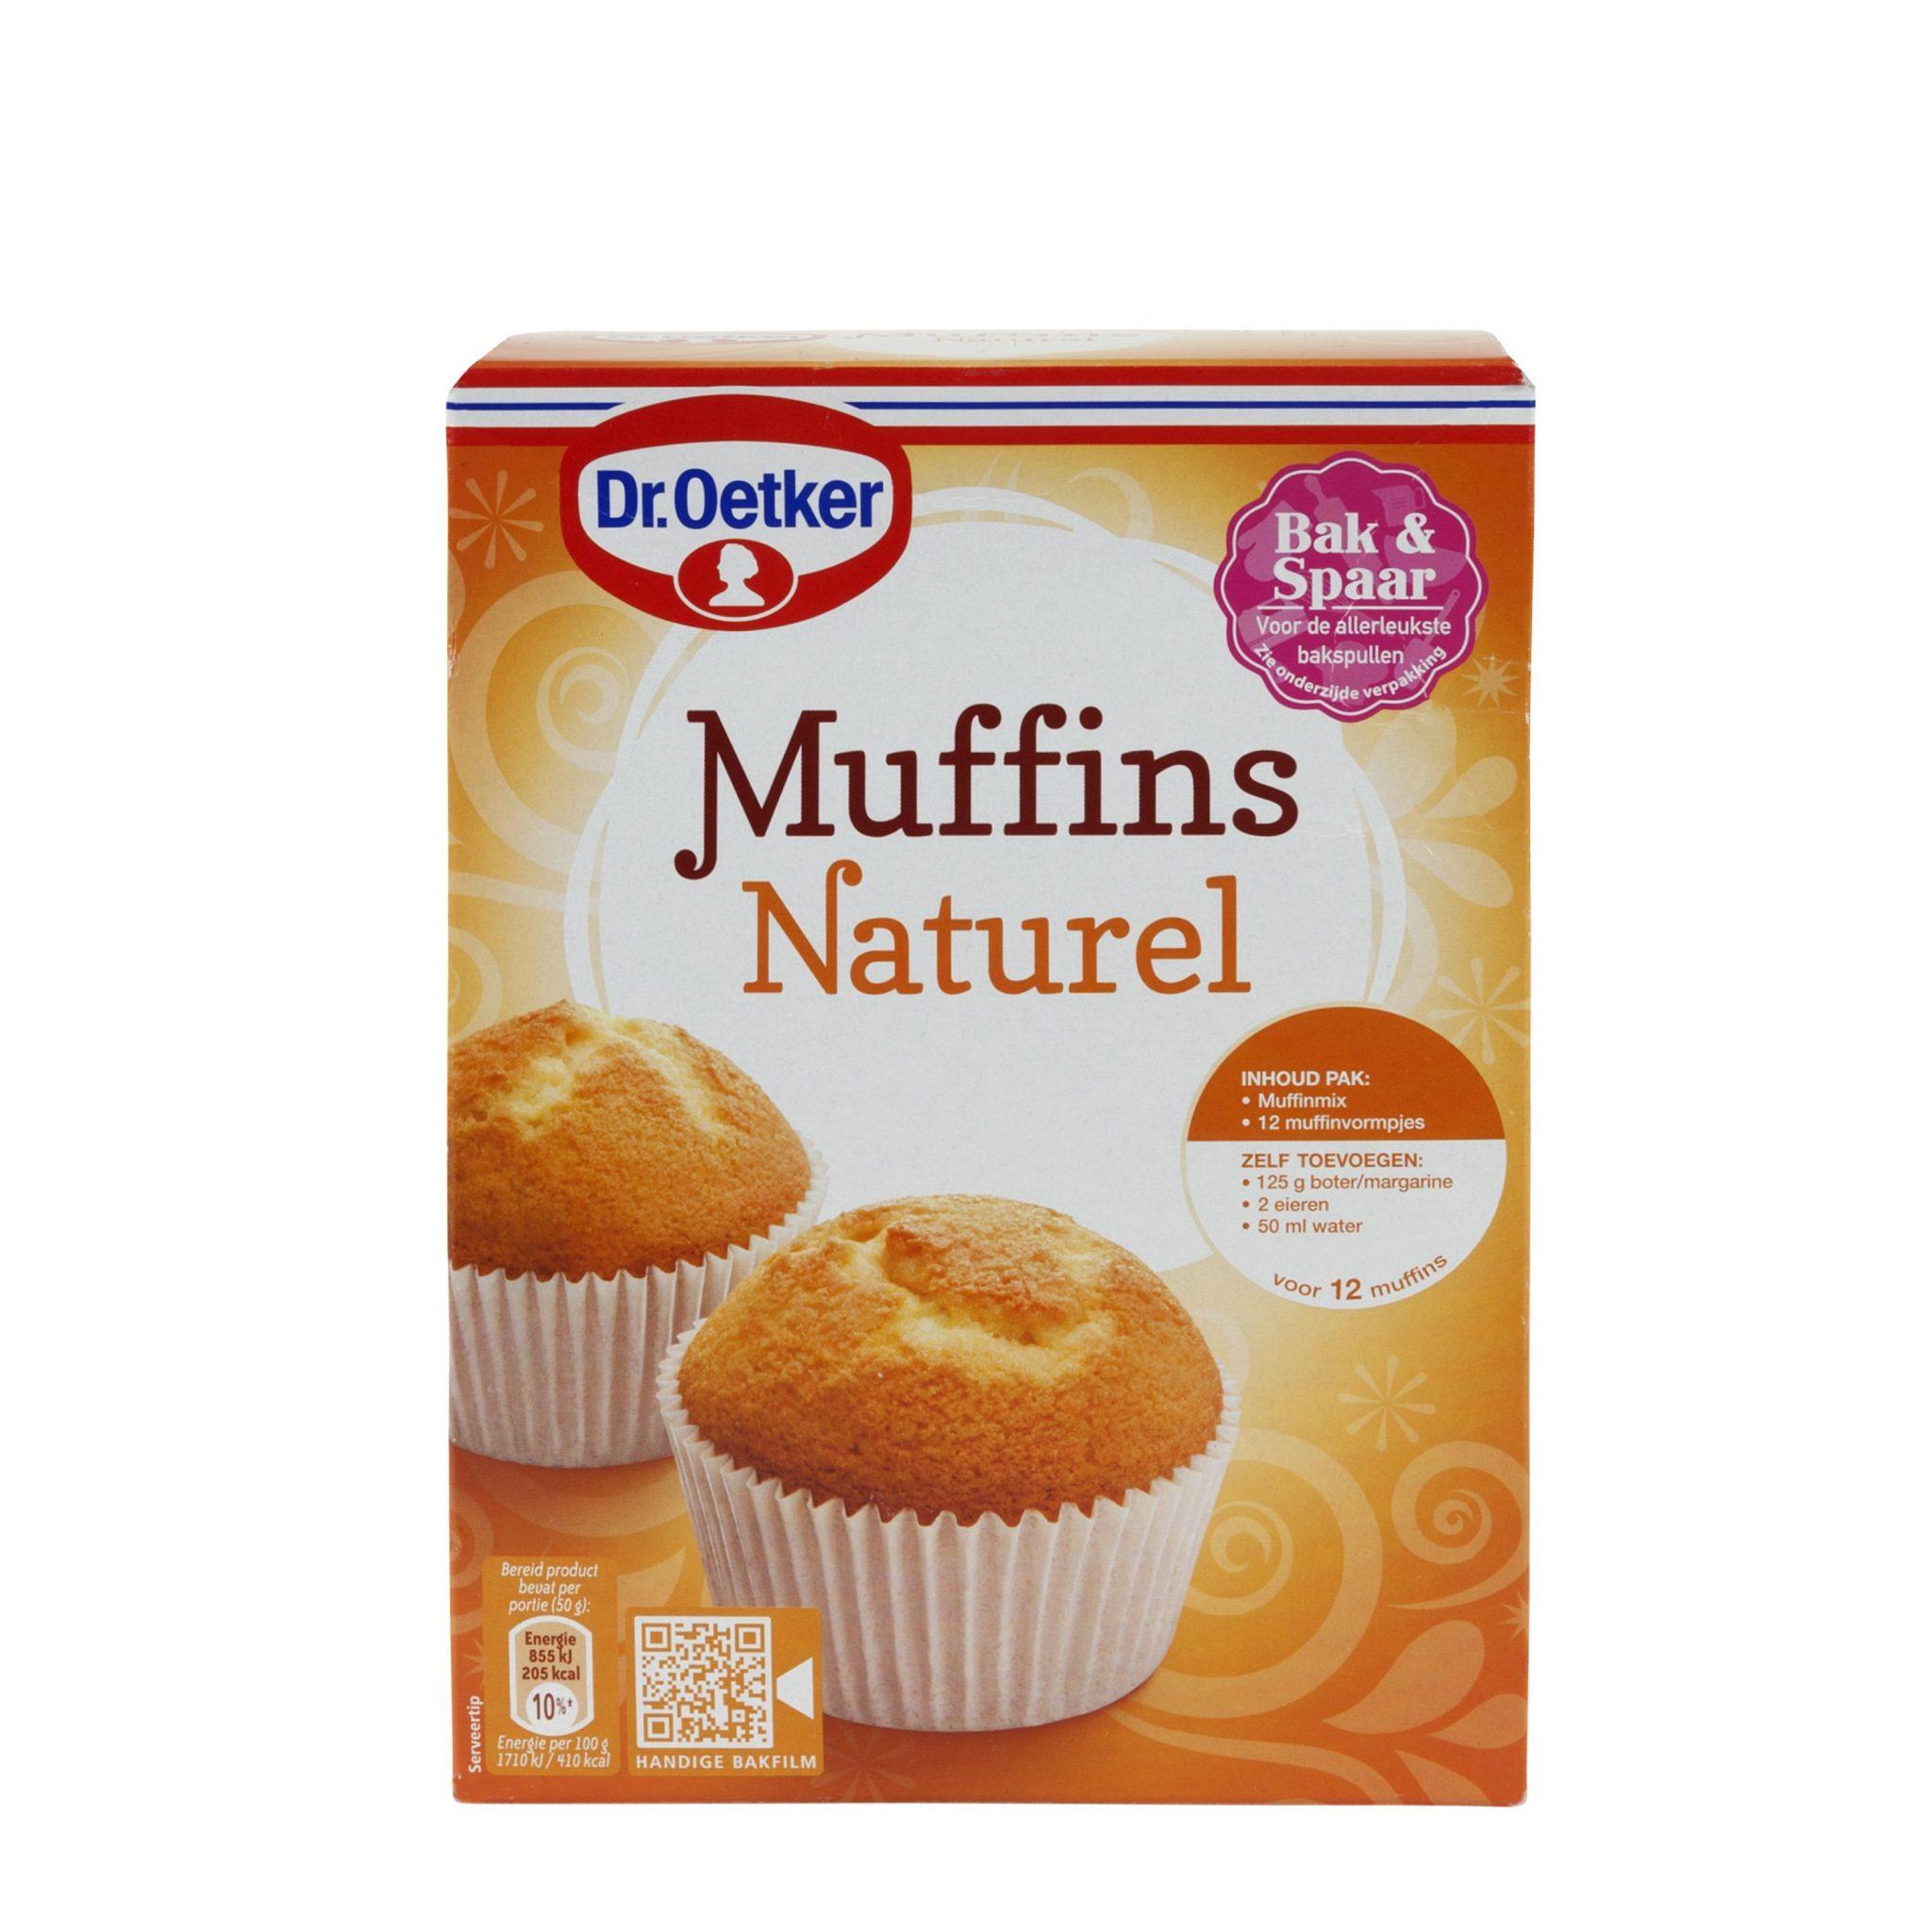 Dr. Oetker Muffins Naturel